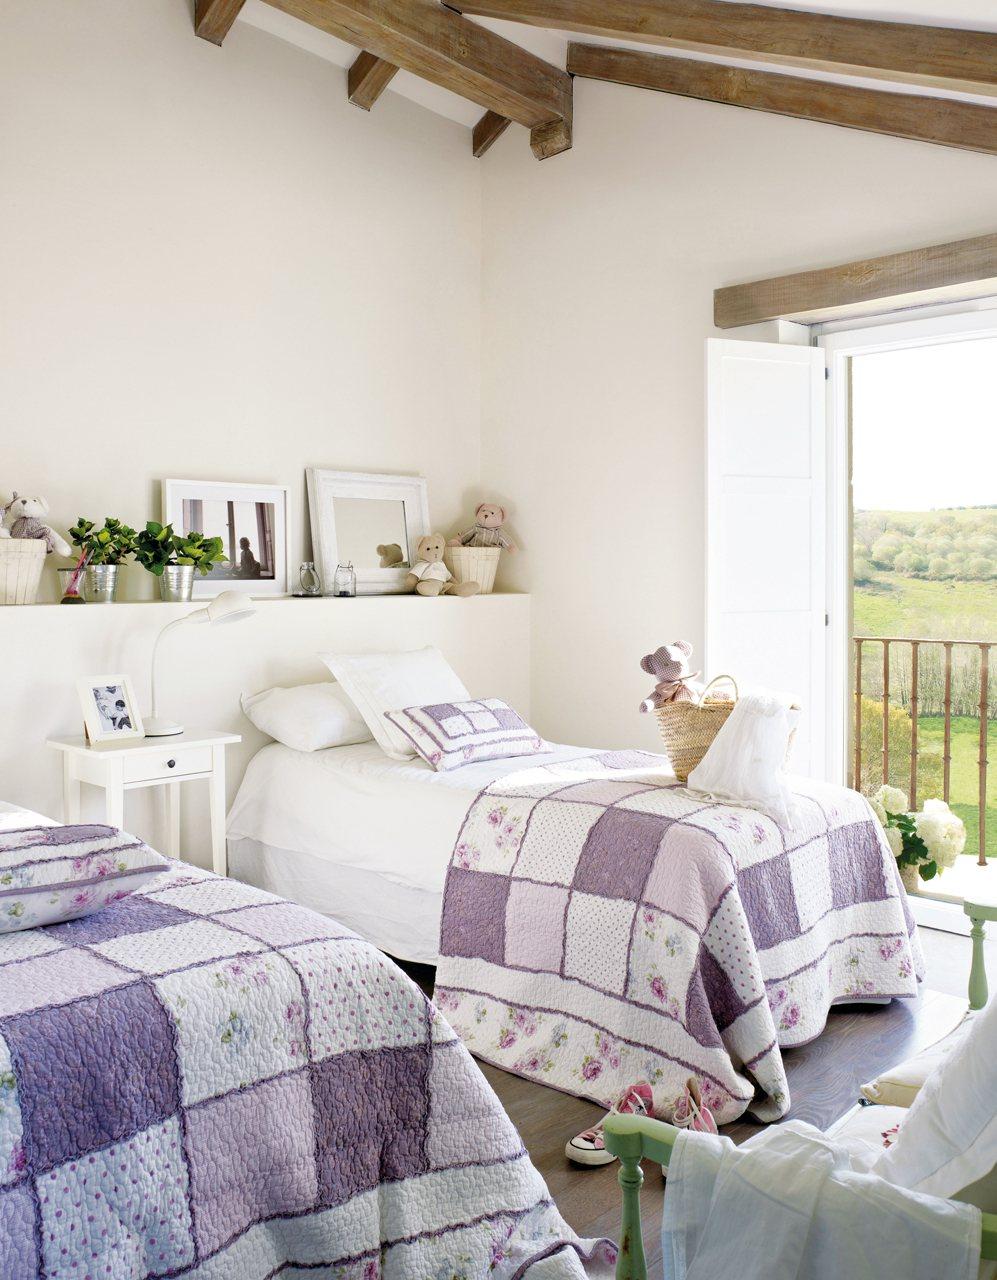 Claves de decoraci n de una habitaci n infantil - Dormitorio con dos camas ...